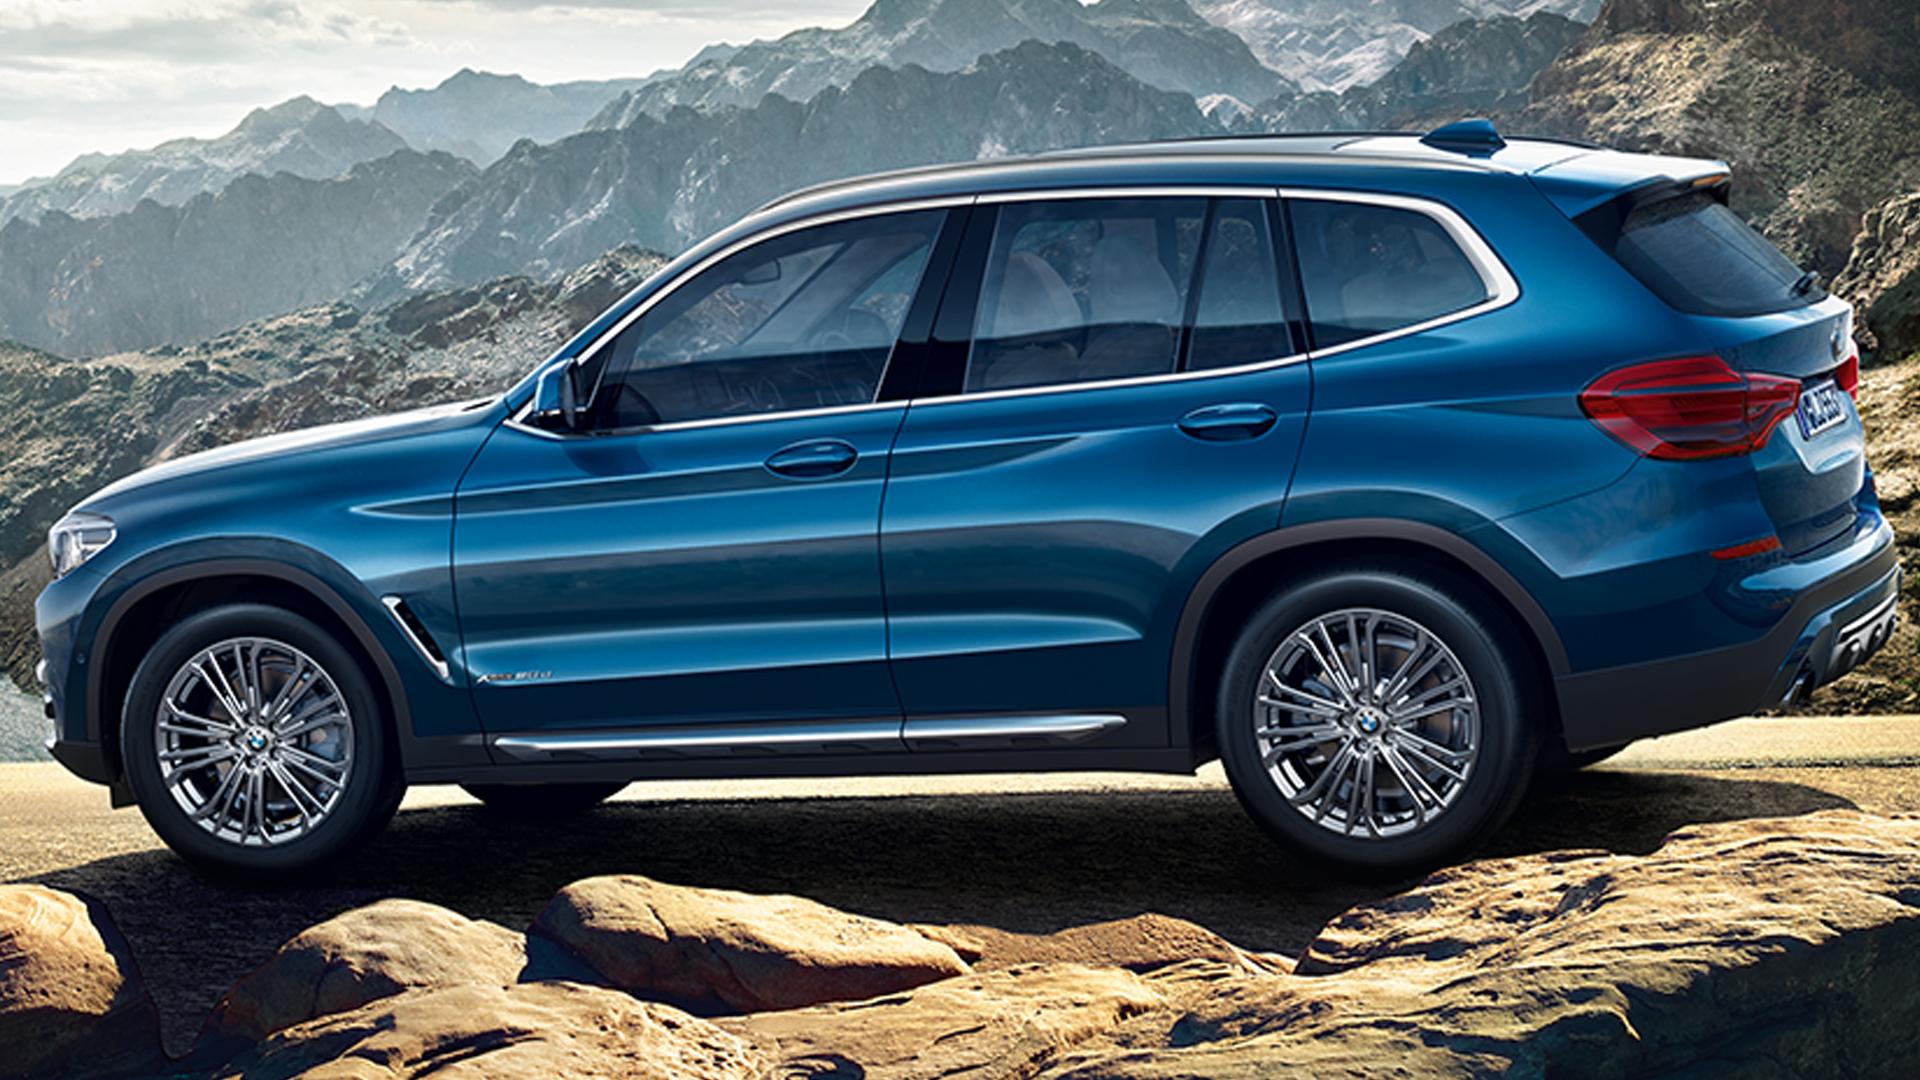 BMW X3 2021 xDrive30i SportX Exterior